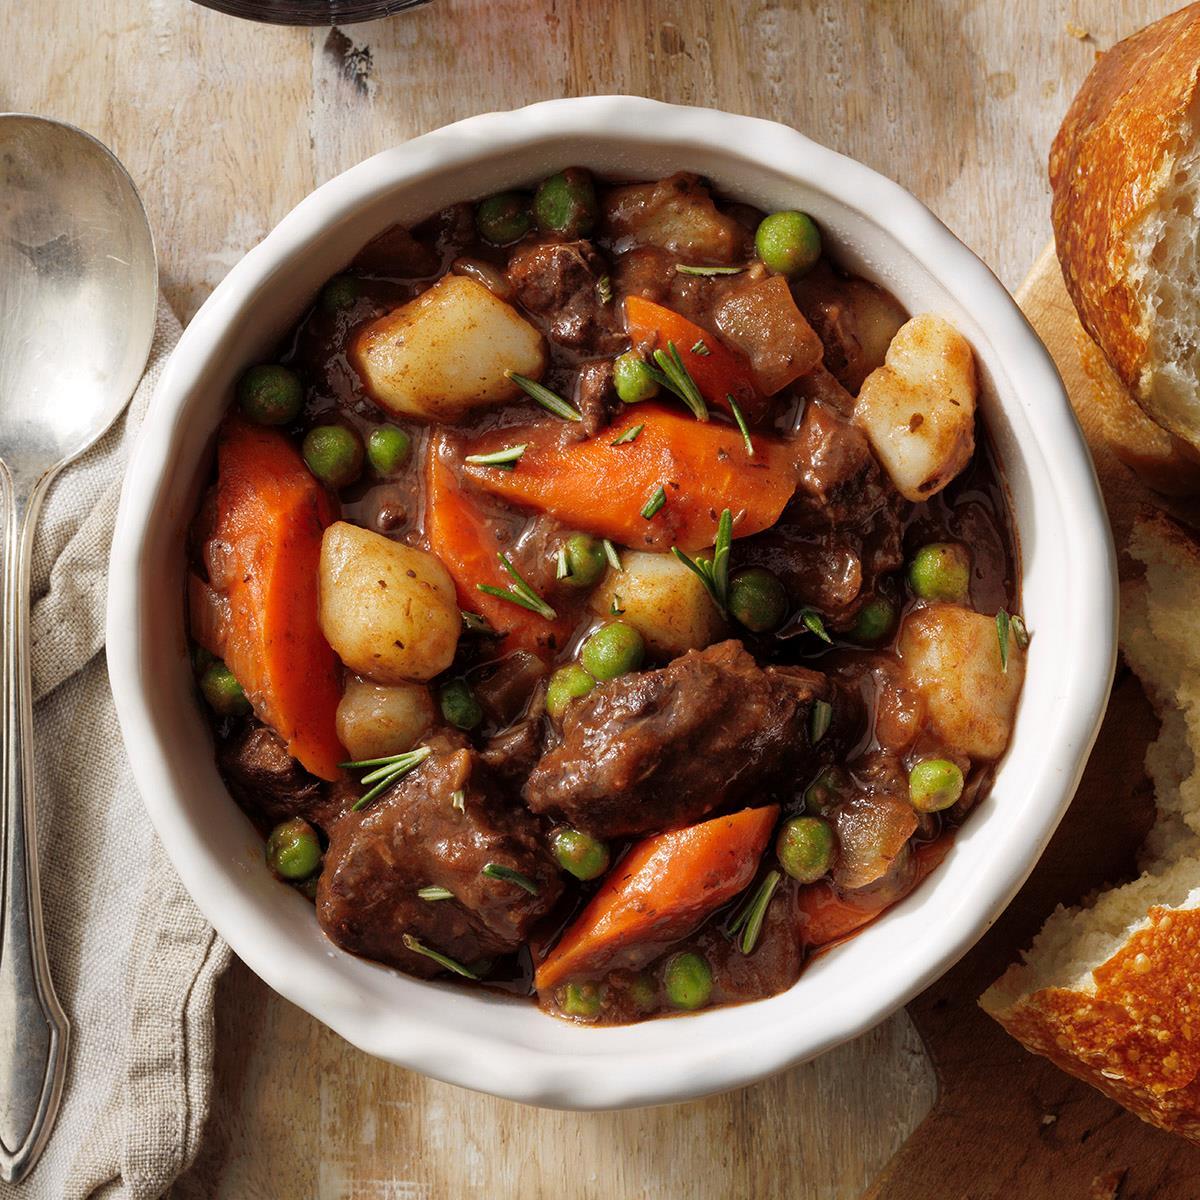 The Best Beef Stew Recipe | Taste of Home